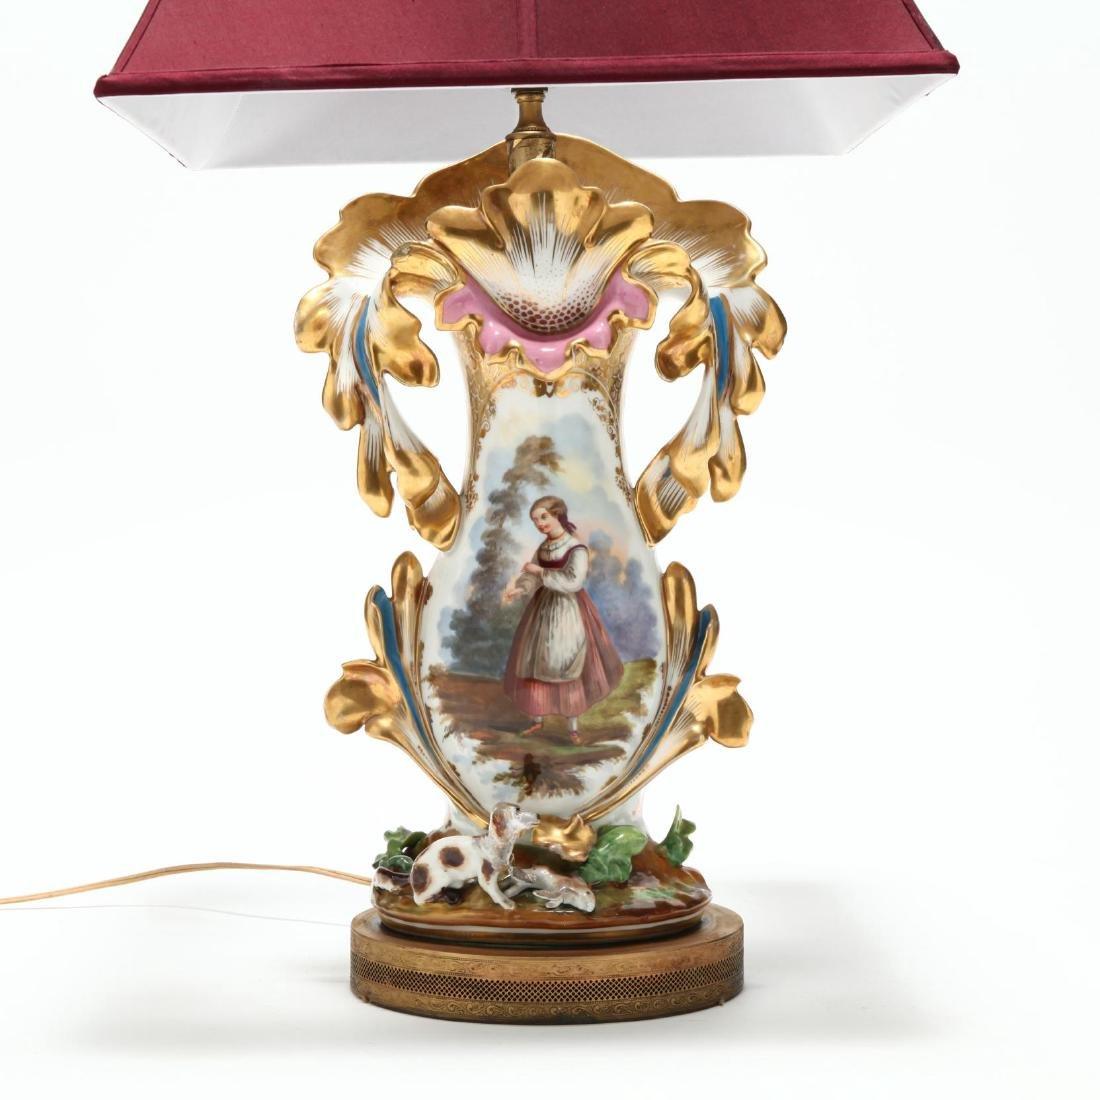 Antique Paris Porcelain Table Lamp - 2